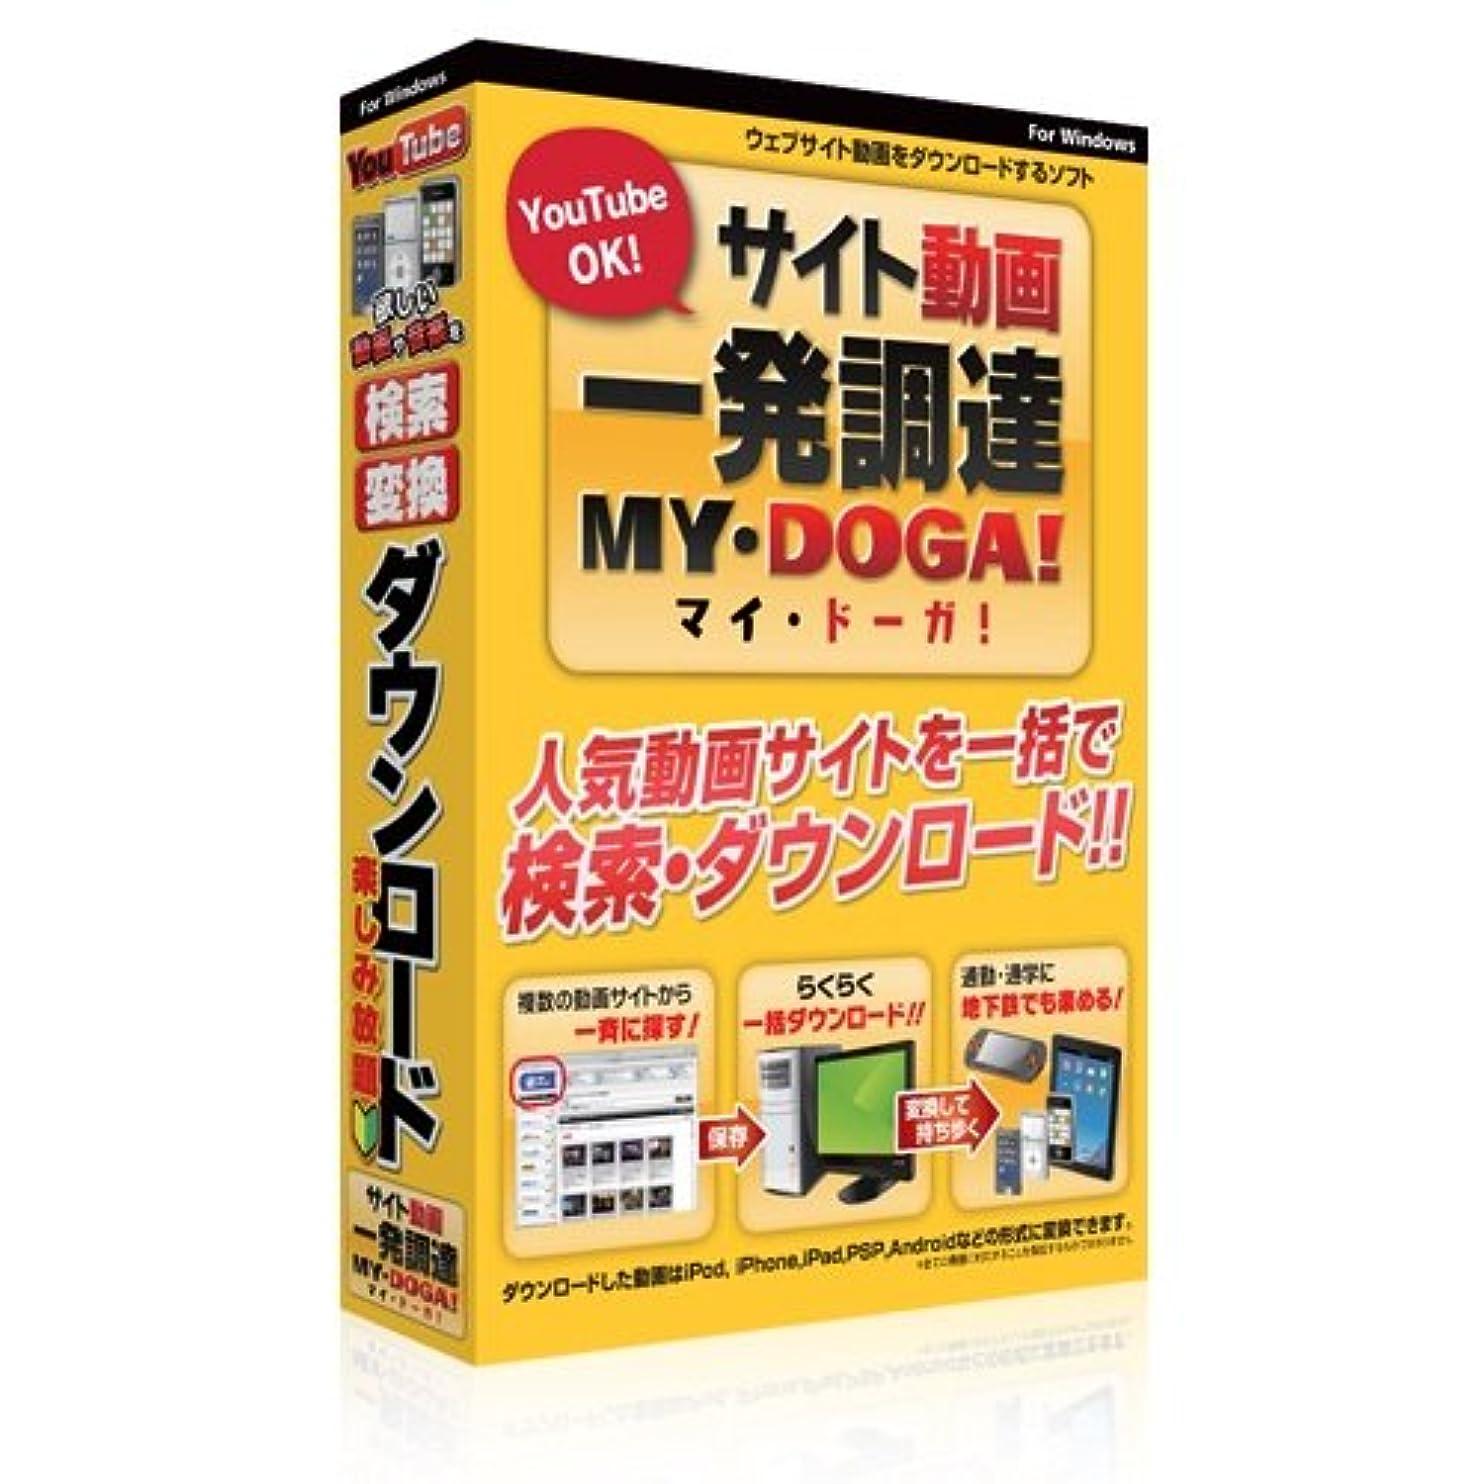 中級スナップ北サイト動画 一発調達 MY?DOGA! パッケージ版